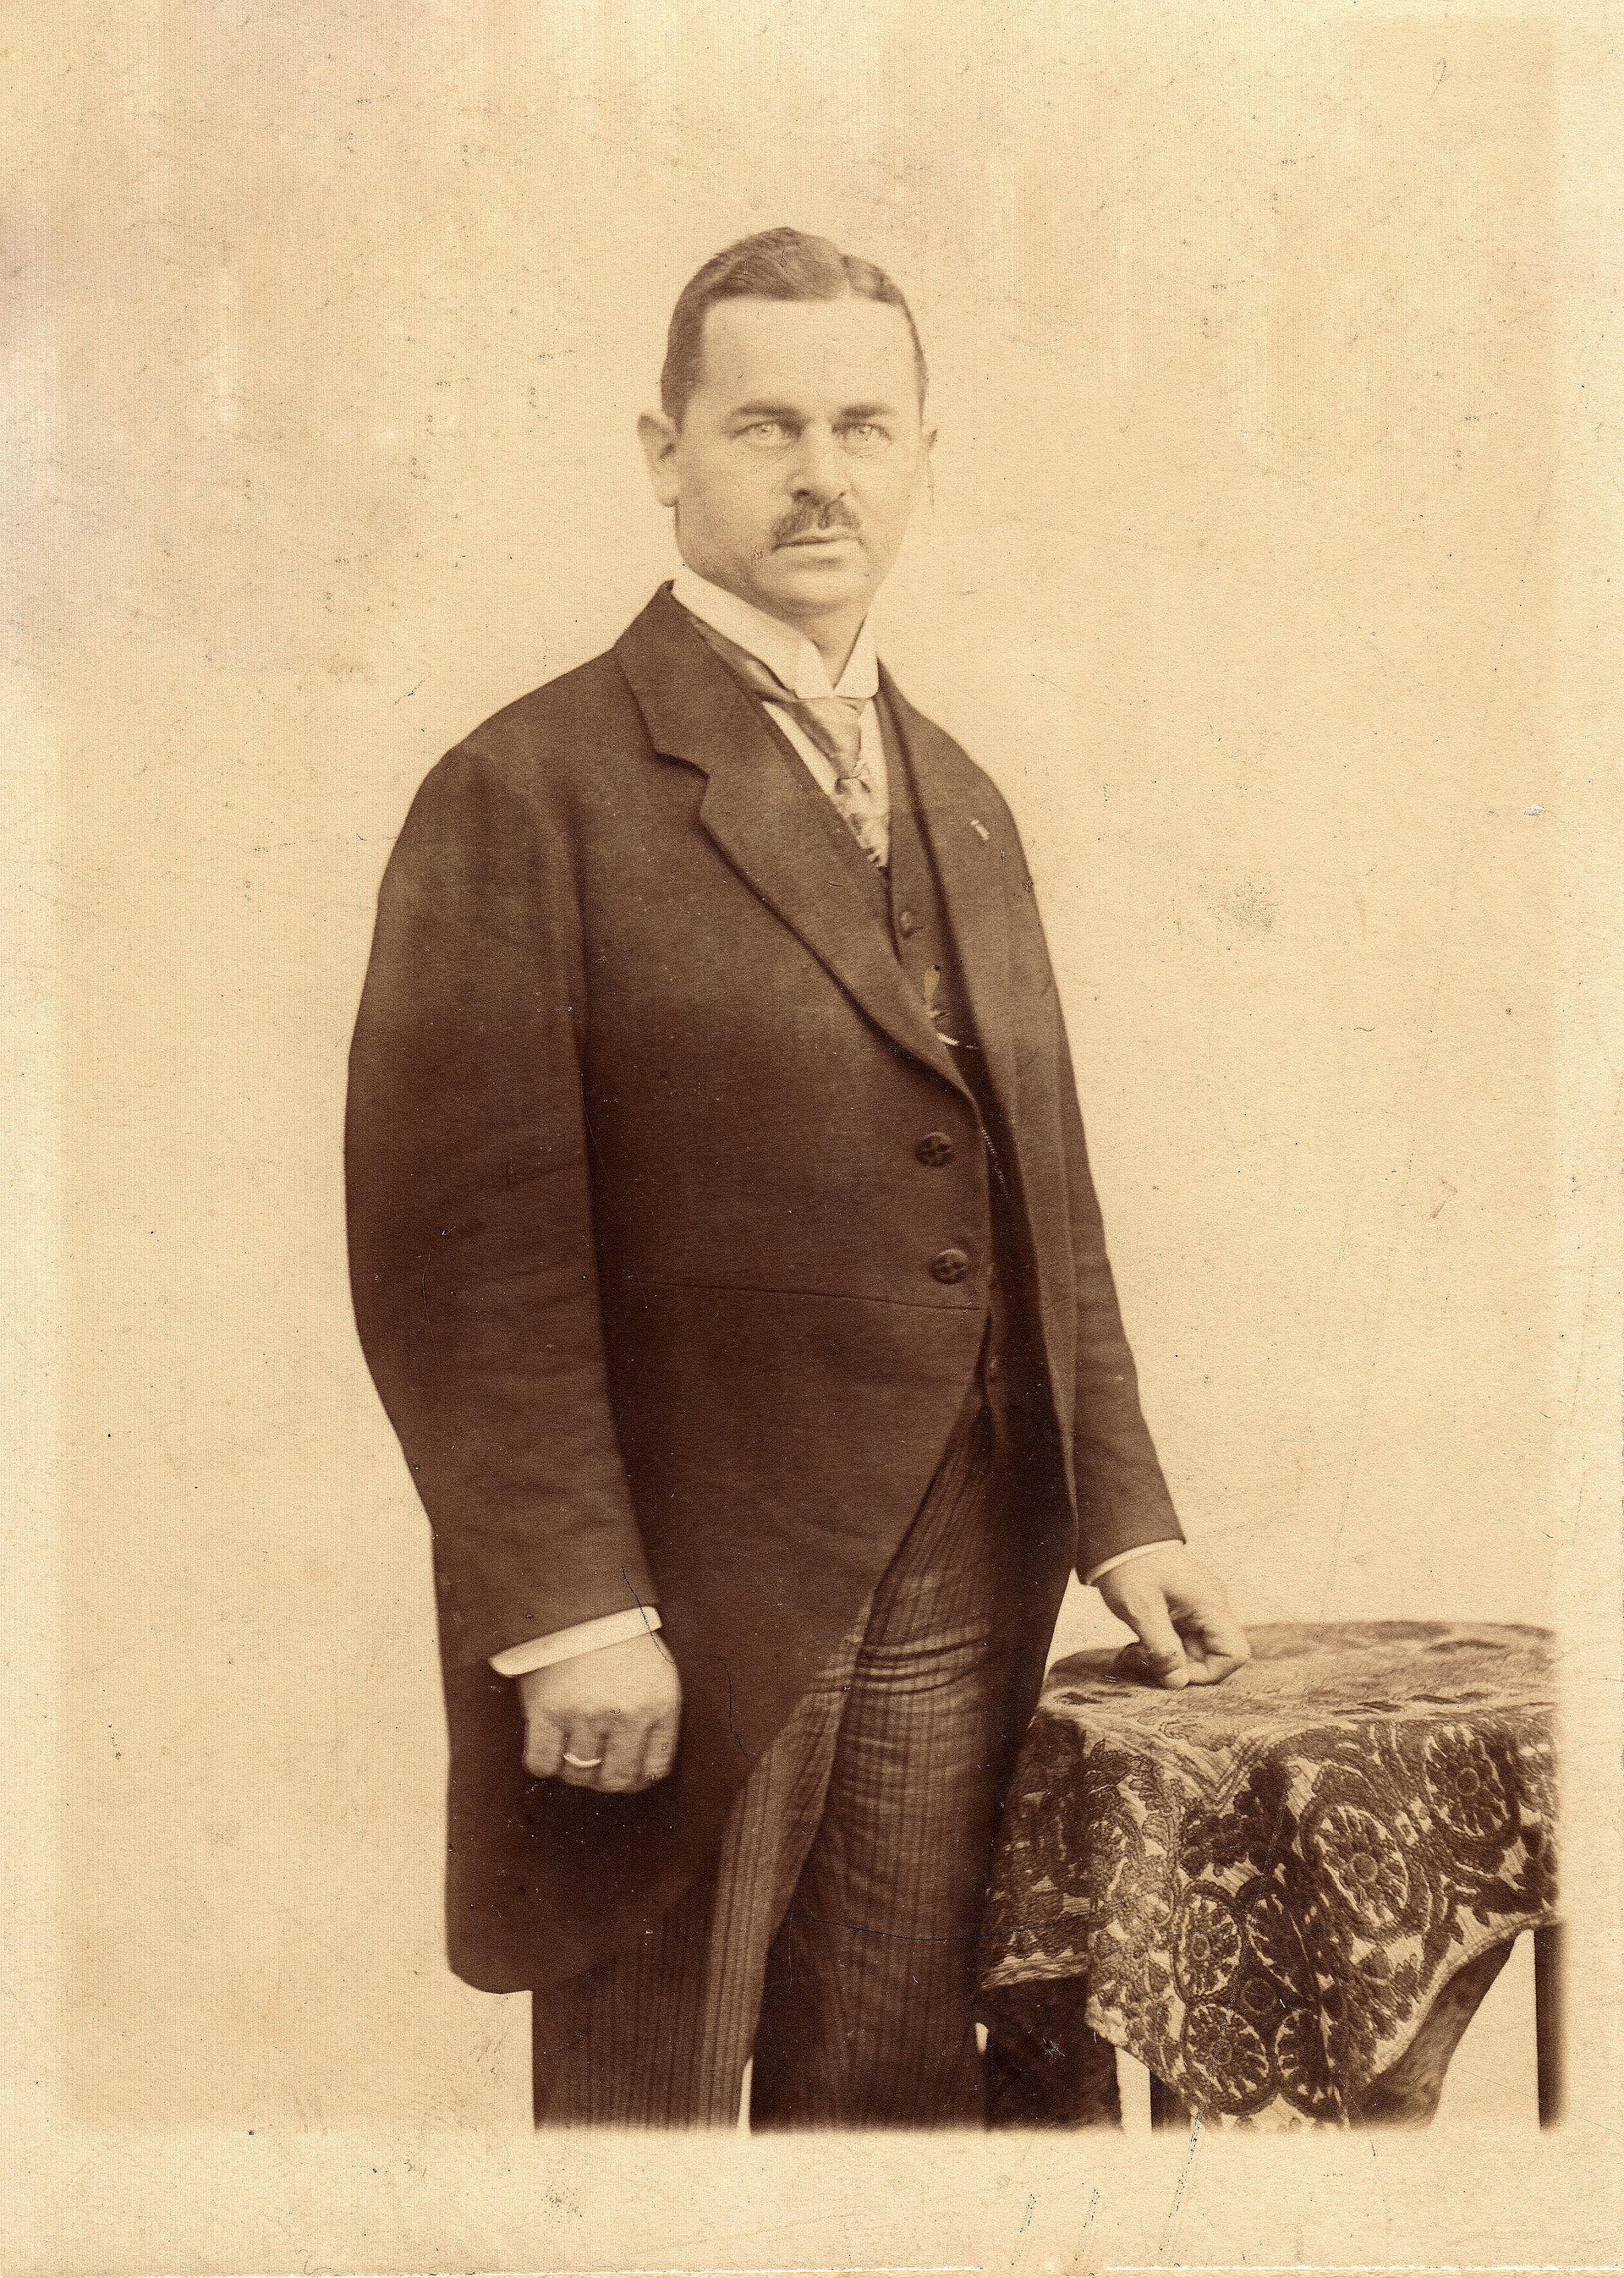 Unser Bild zeigt Ernst Freimuth, den ersten Falkenseer Bürgermeister (Quelle: Museum und Galerie Falkensee).